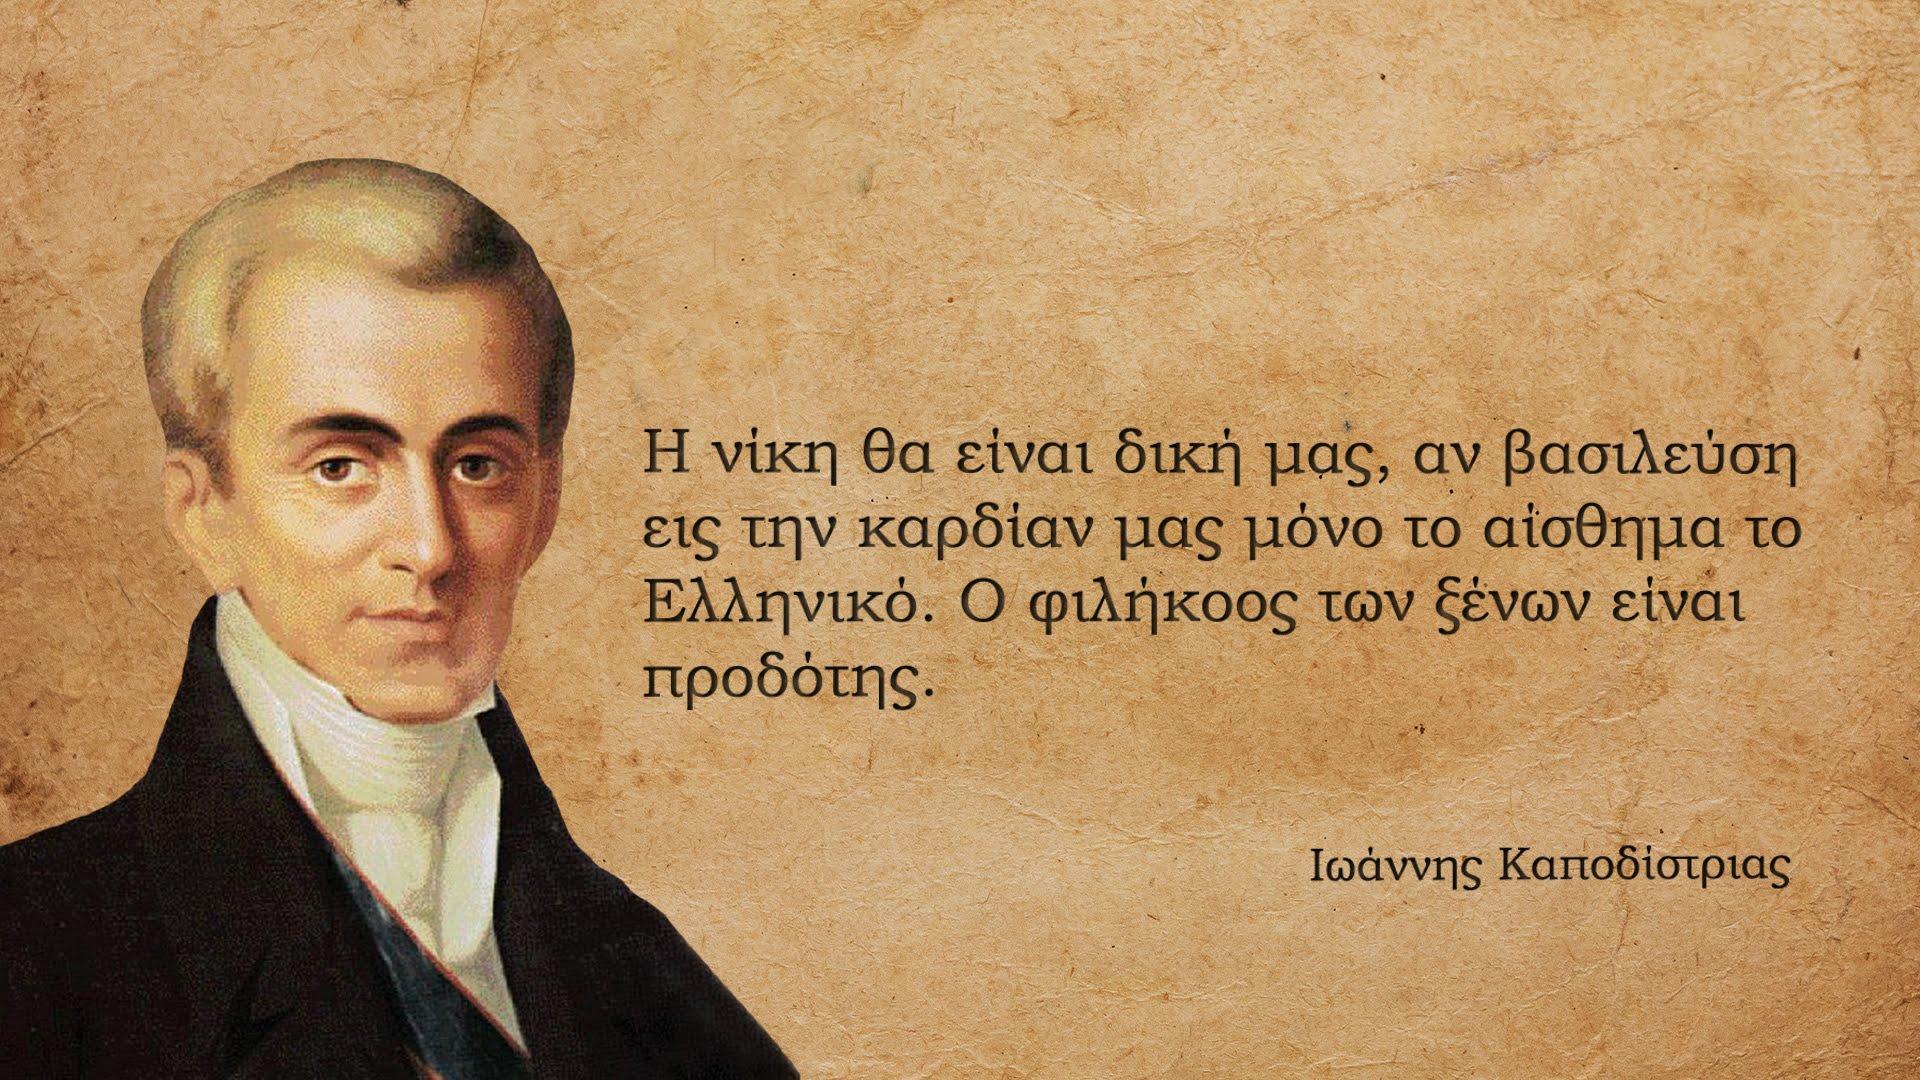 Π. Ήφαιστος, Η Επανάσταση του 1821, οι αφετηρίες του νεοελληνικού κράτους και ο Καποδίστριας